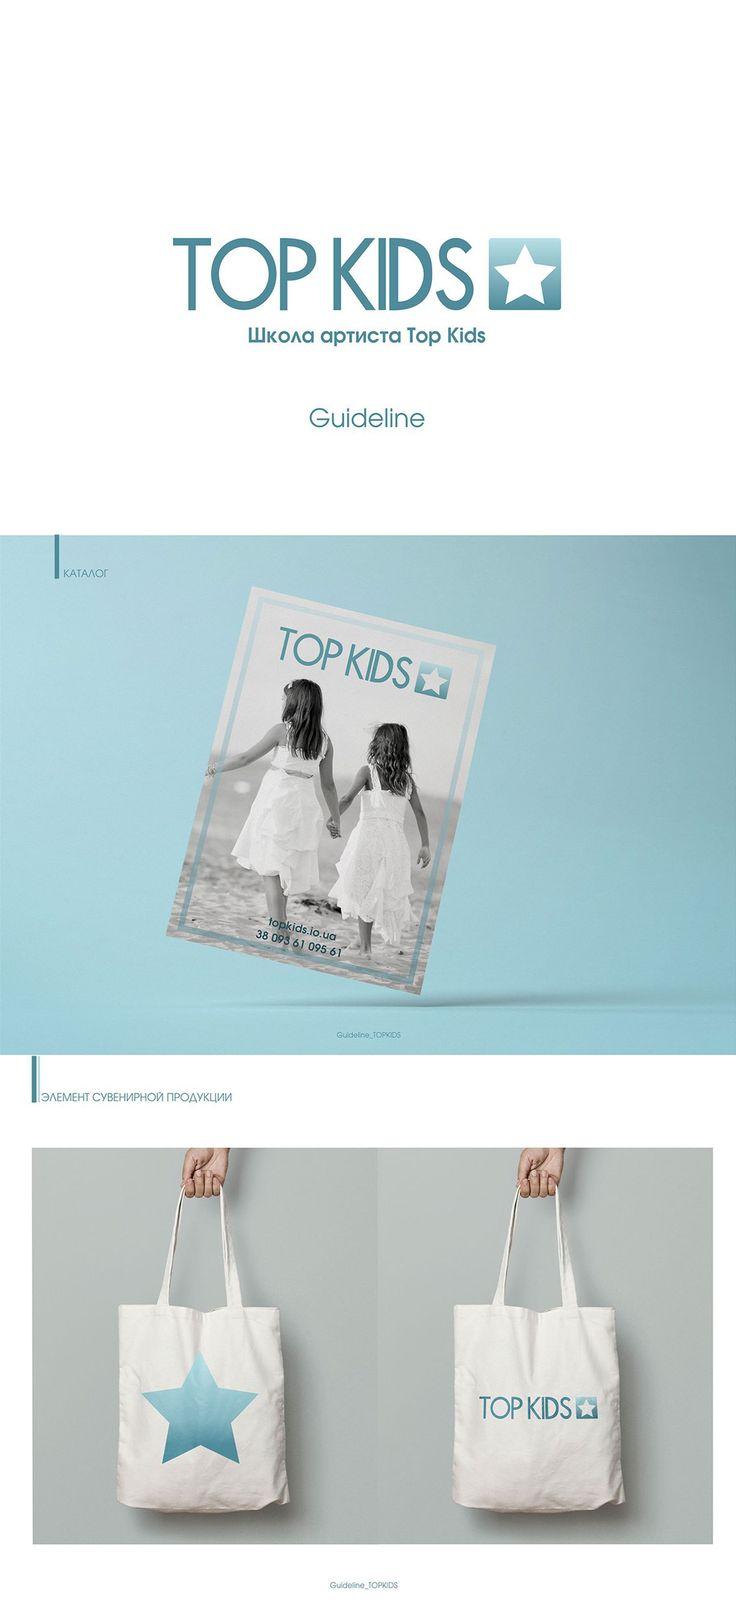 Разработка логотипа для детской Киевской школы Top Kids. +38(048)7894052; +38(093)1205279; +38(068)1205279; +38(066)1205279; #логотип #logo #дизайн #полиграфия #типография #иллюстрация